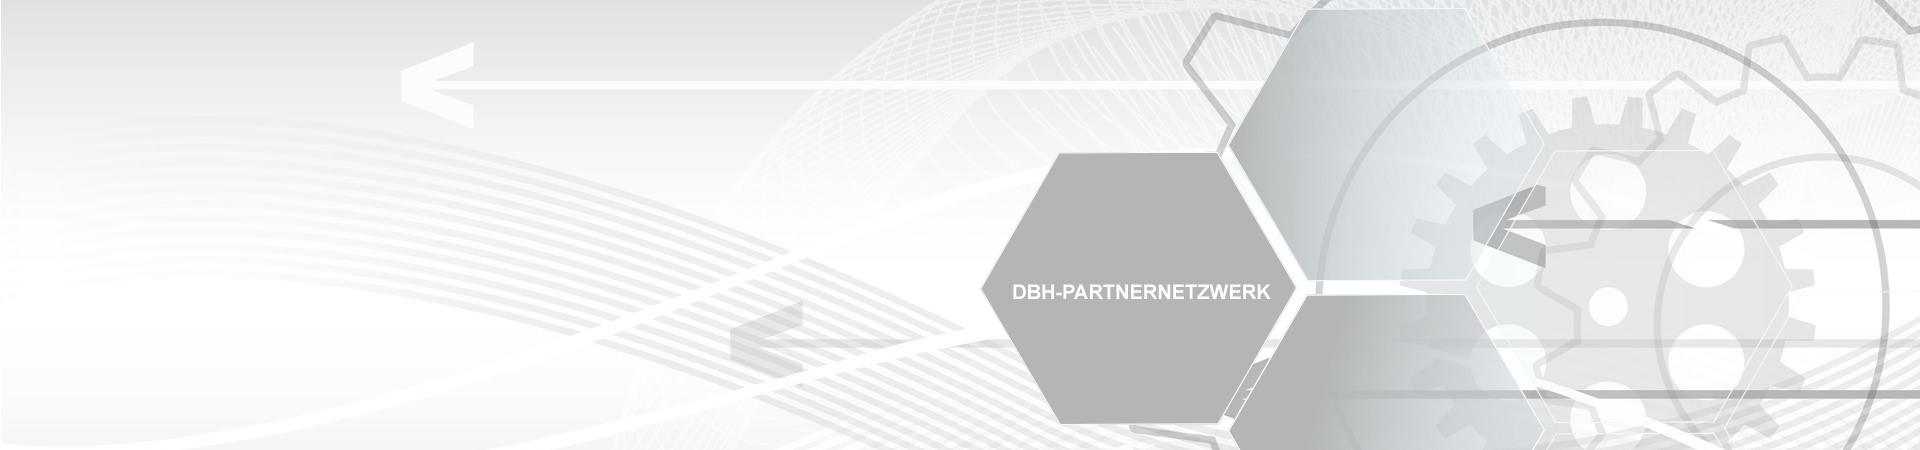 DBH Partnernetzwerk